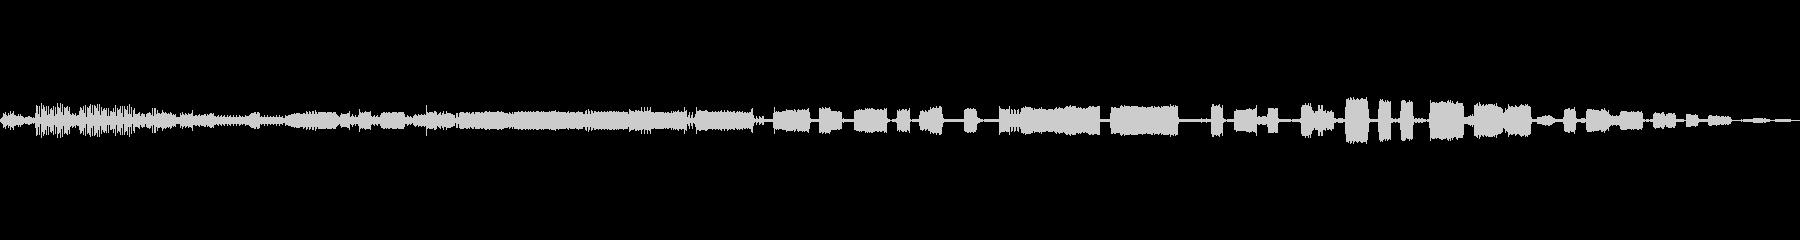 ランダムホールドエフェクトV.4ス...の未再生の波形